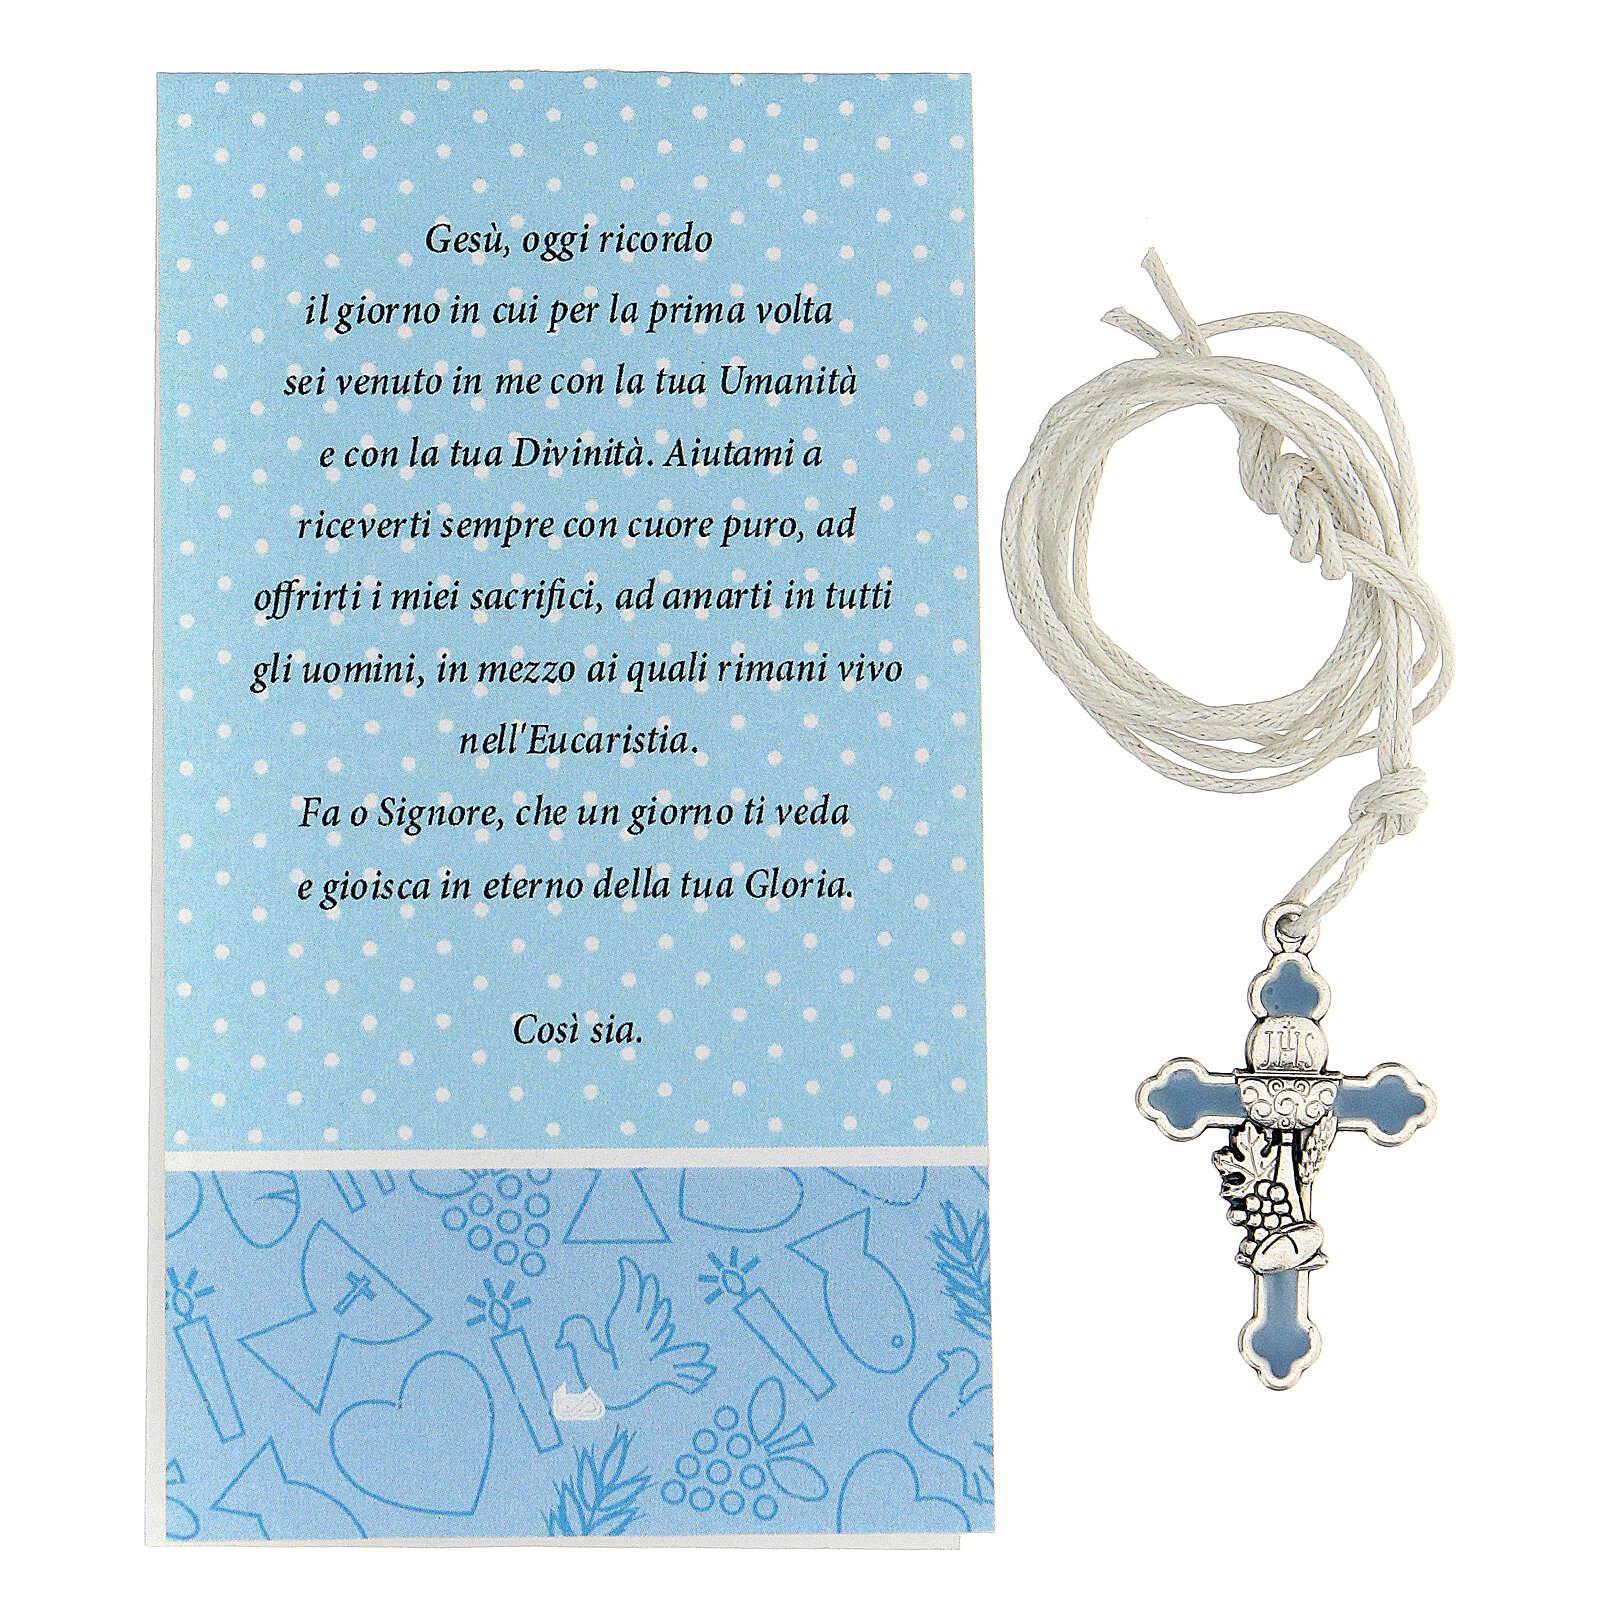 Silvered metal Communion cross blue enamel 3 cm 4